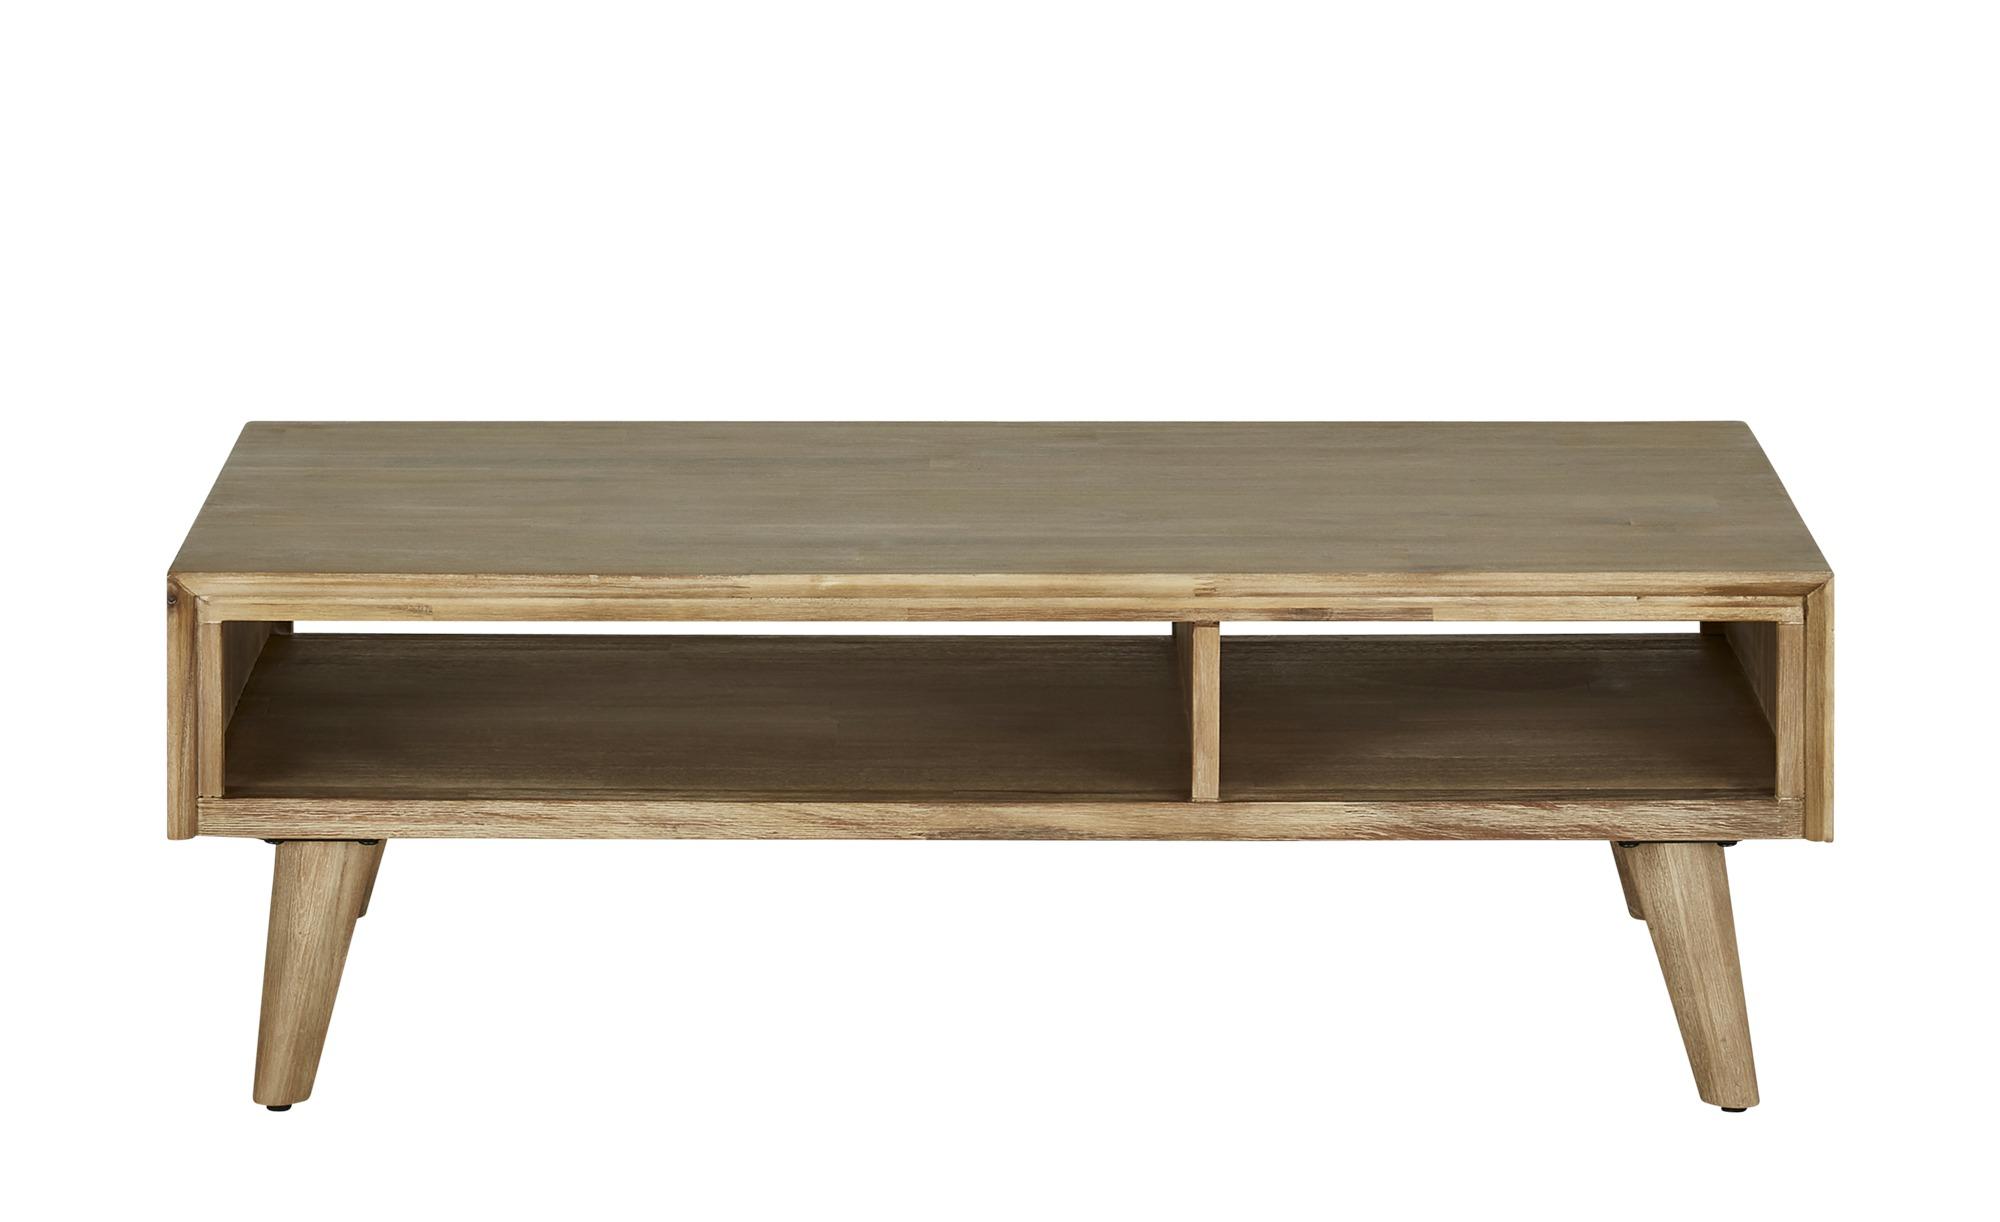 Couchtisch  Vicenza ¦ grau ¦ Maße (cm): B: 70 H: 40 Tische > Couchtische > Couchtisch Massivholz - Höffner